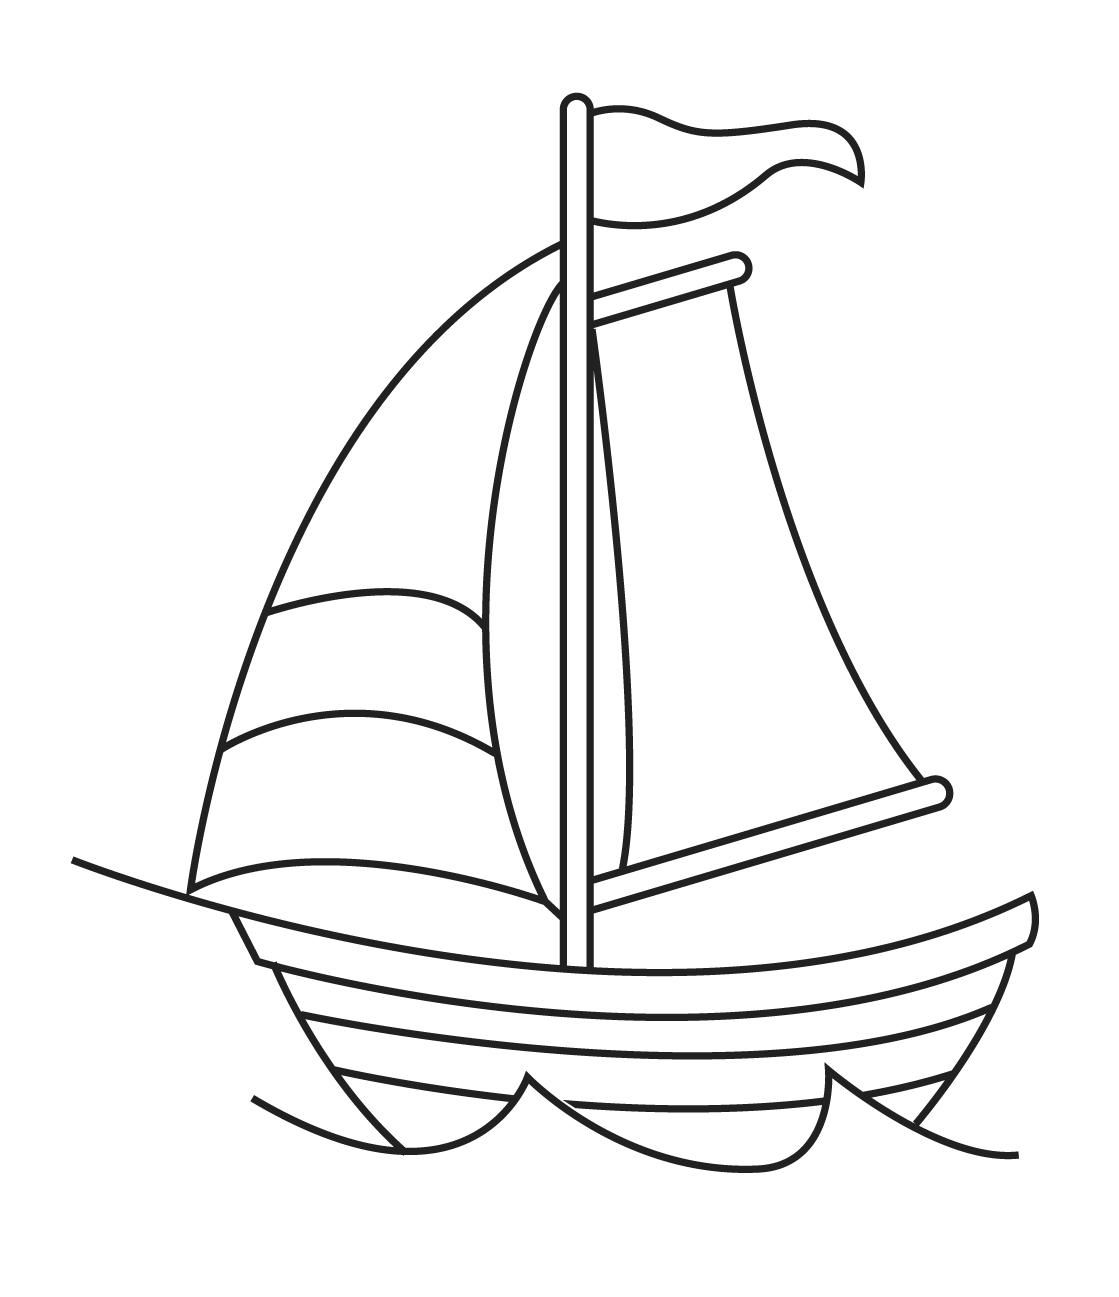 Картинка кораблика с парусами для детей, руками шарики